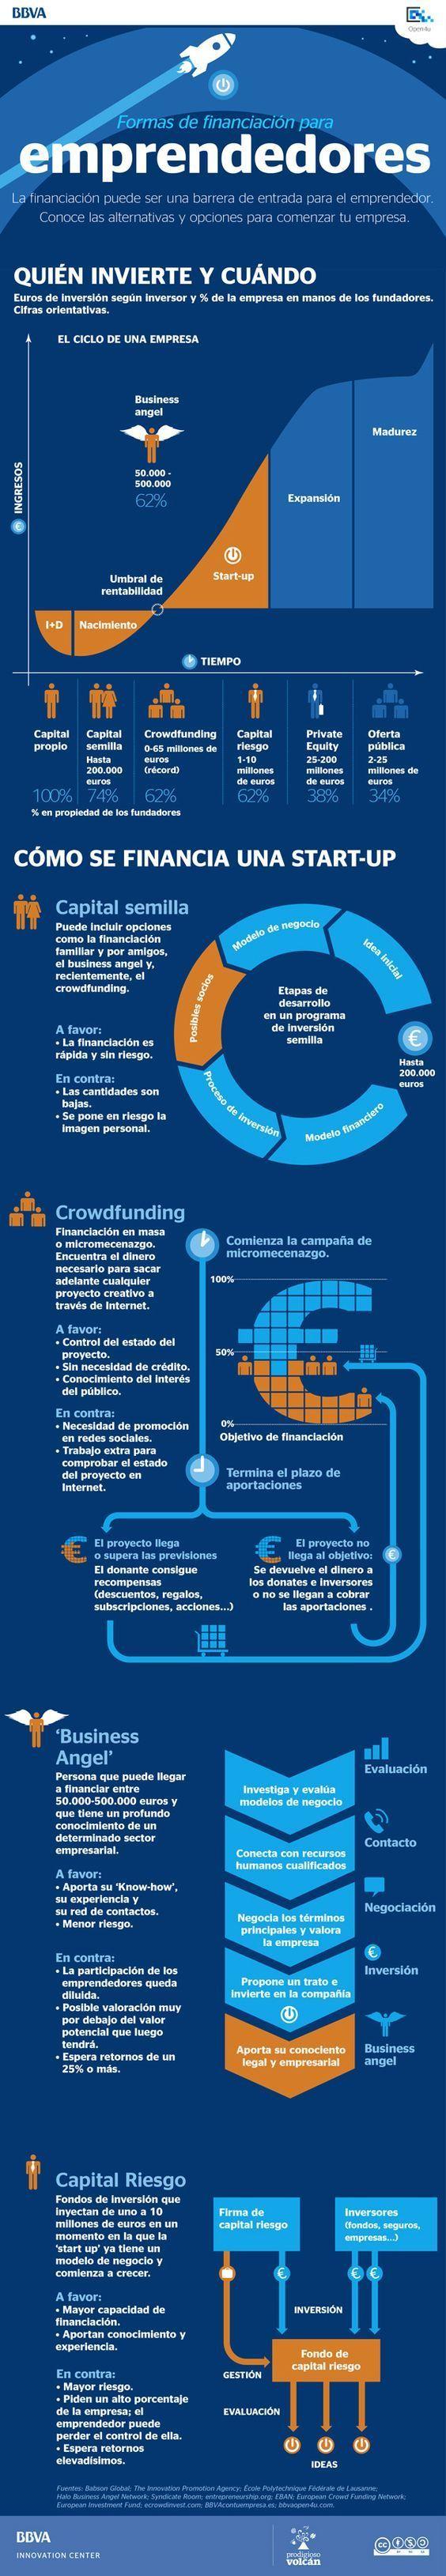 ¿Quieres iniciar tu propio negocio? Estas son opciones de financiamiento. #Business